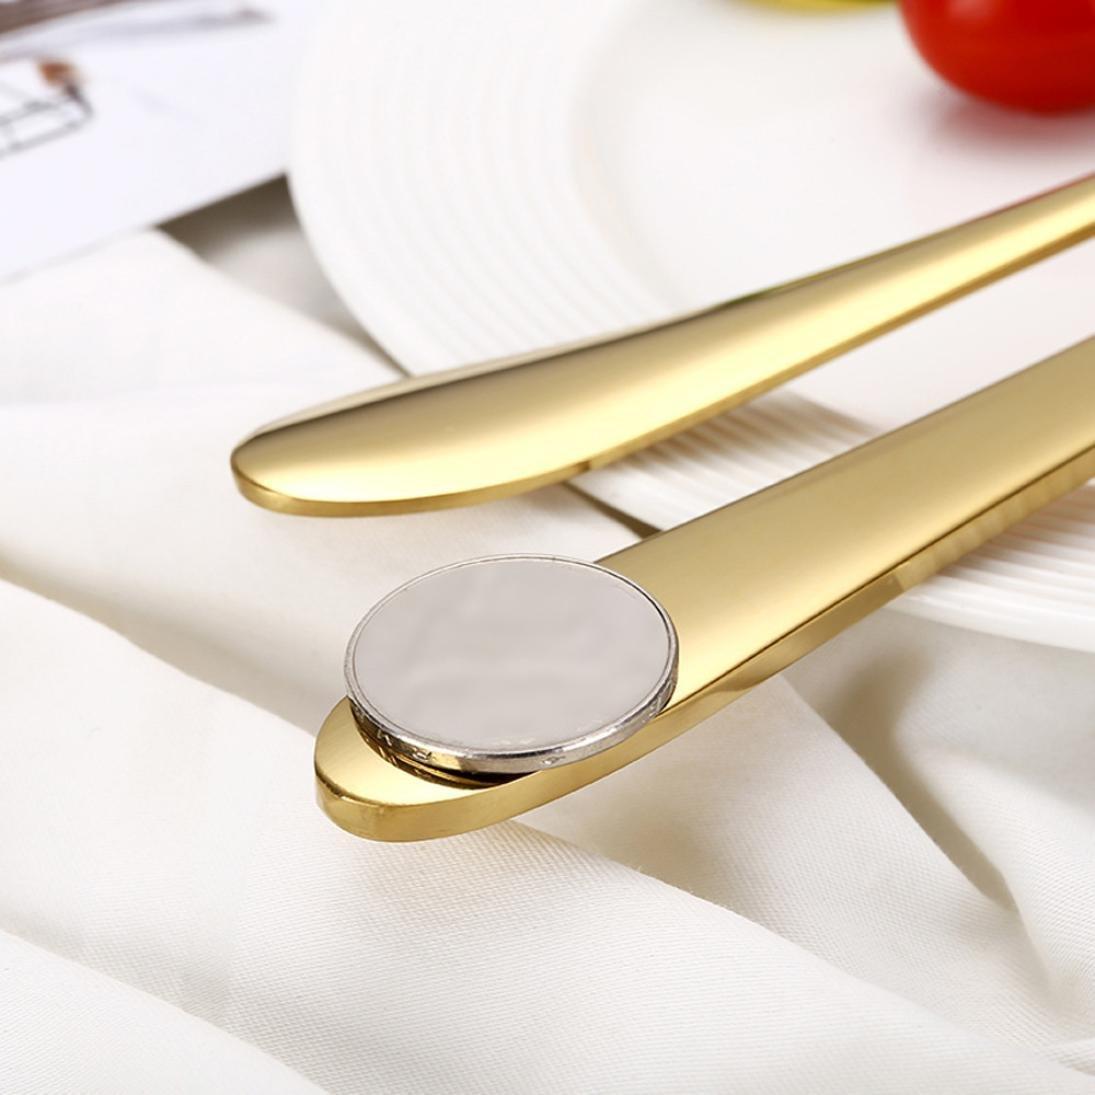 Xshuai Set de 4/couverts en acier inoxydable haut de gamme cuill/ère /à soupe et cuill/ère /à caf/é couteau Fourchette